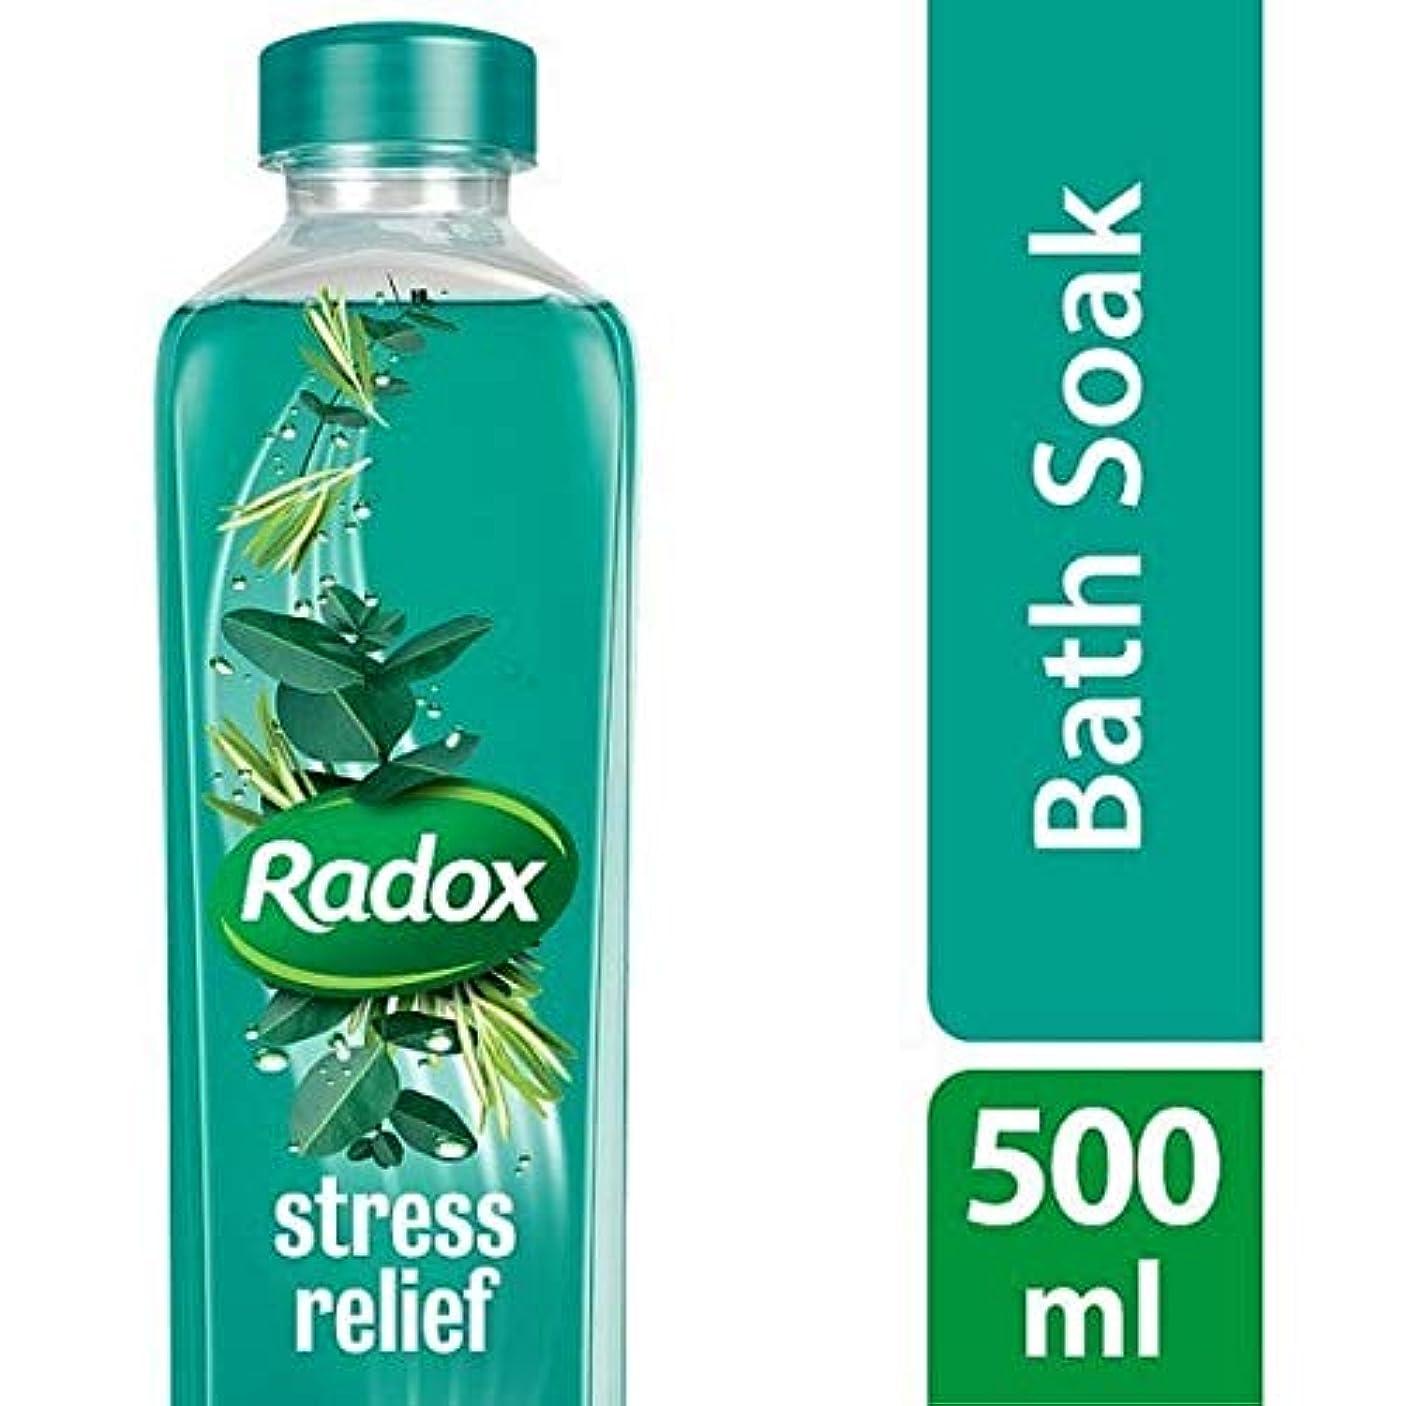 収束する結婚する嫌な[Radox] Radoxは、500ミリリットルのソーク良い香りストレスリリーフ風呂を感じます - Radox Feel Good Fragrance Stress Relief Bath Soak 500ml [並行輸入品]